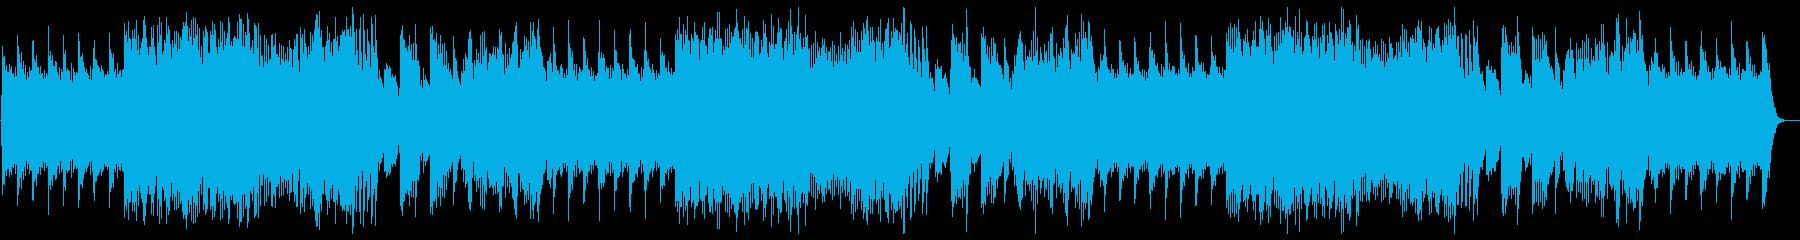 ワクワクするテンポのいいオルゴールの曲の再生済みの波形